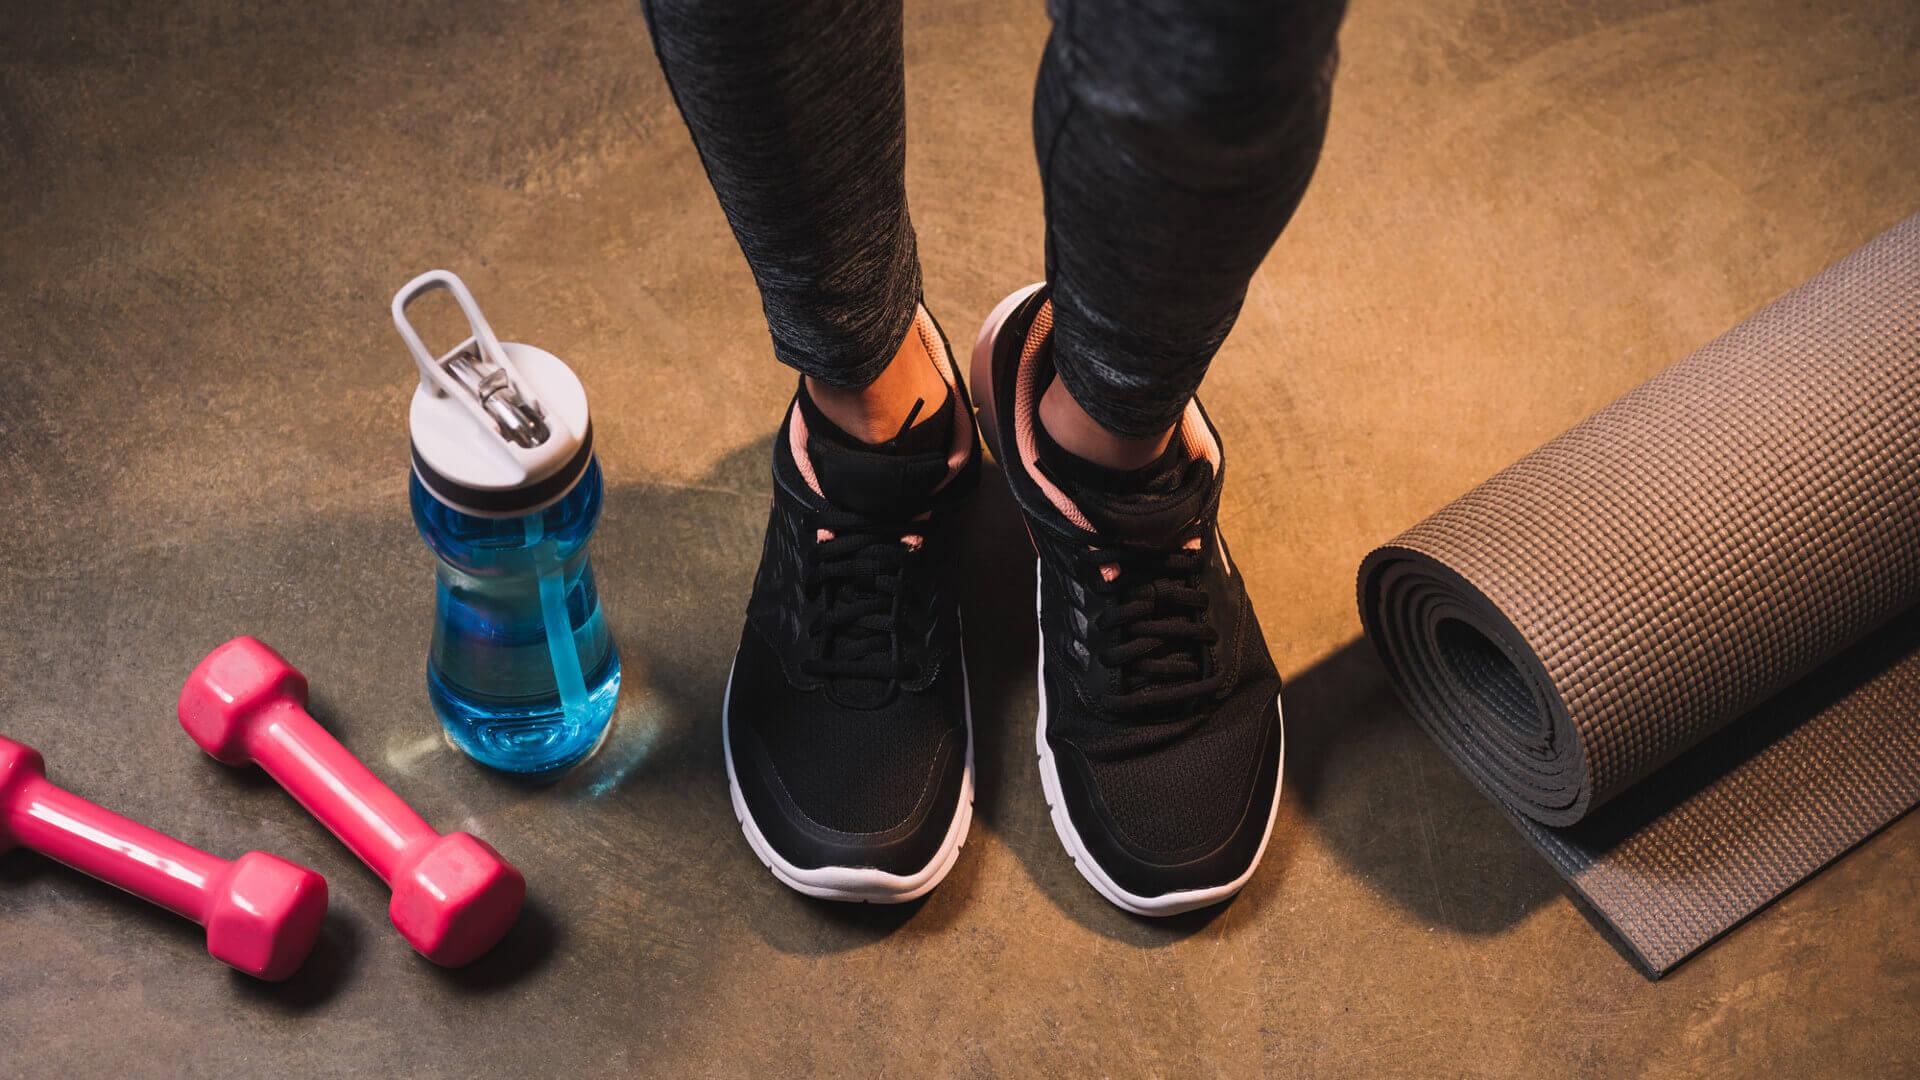 Jak się ubrać i co zabrać na siłownię?